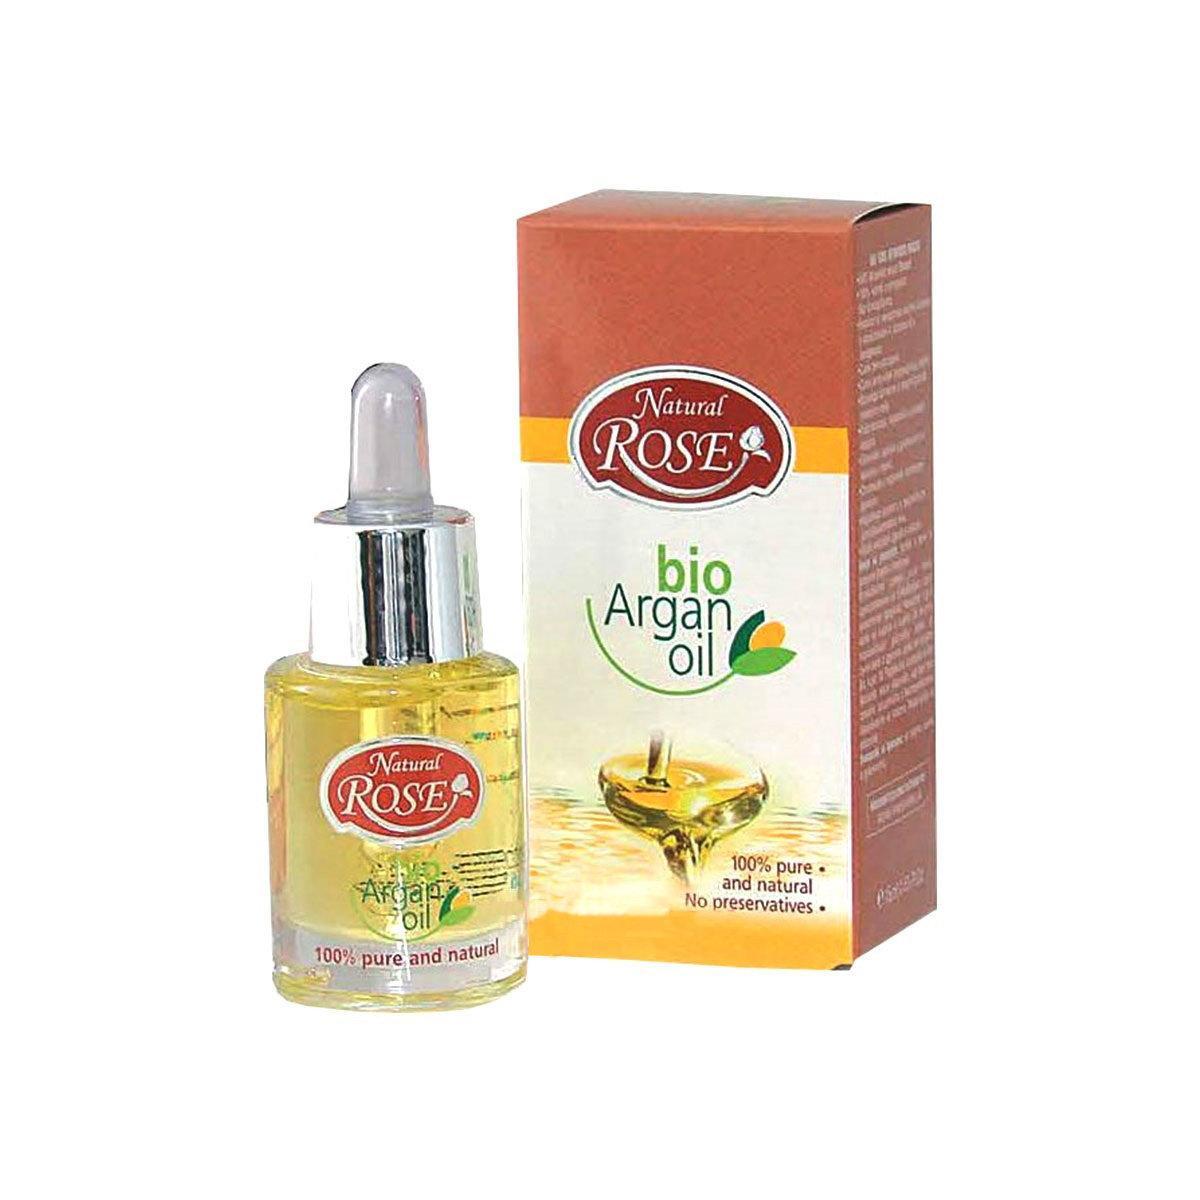 Органічна Арганова олія Natural Rose Bio Argan oil від Arsy cosmetics 15 ml